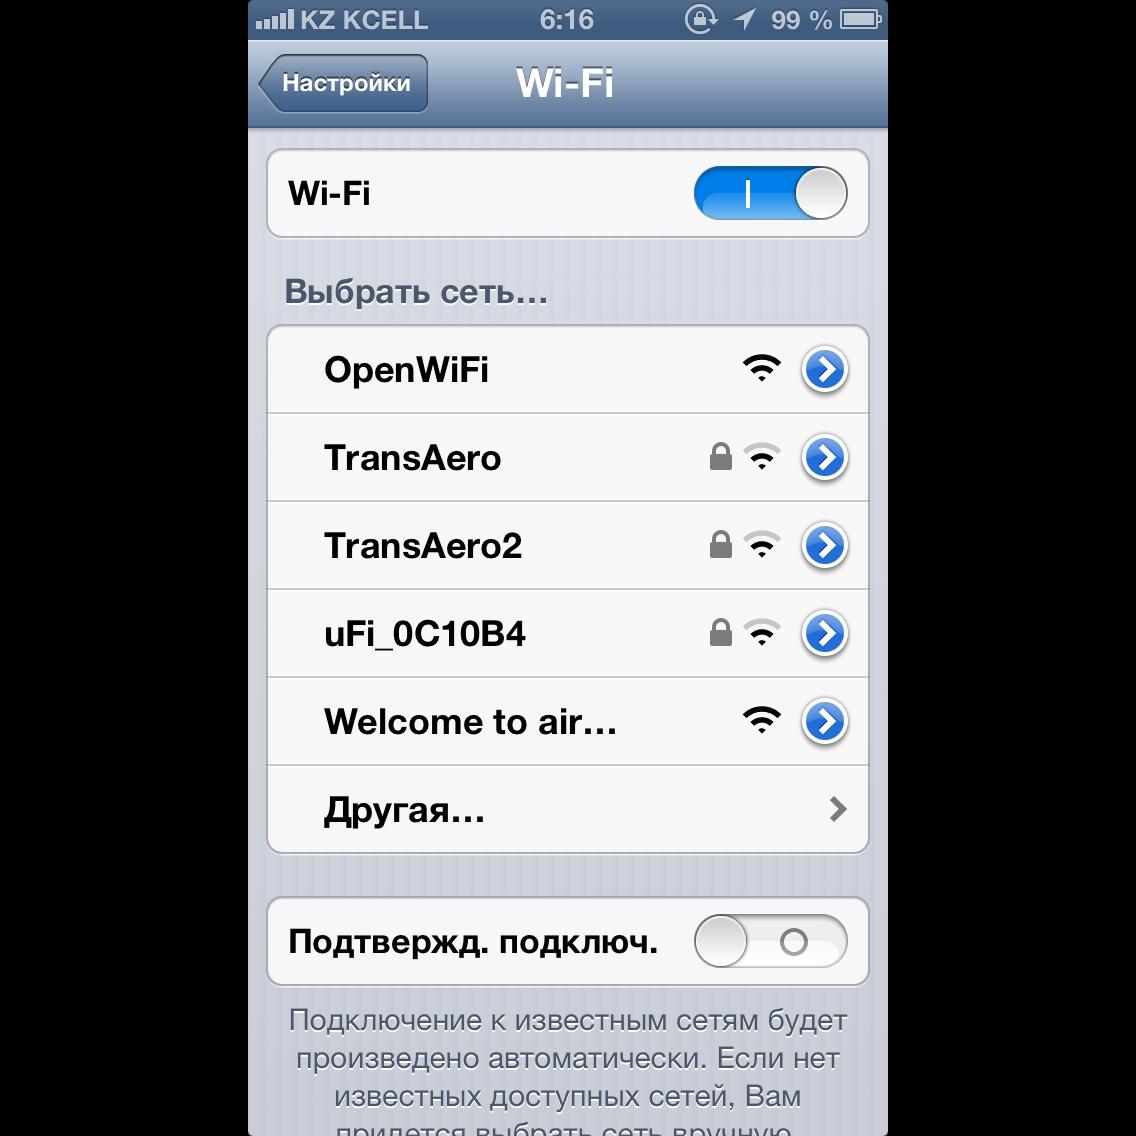 Wi-Fi в аэропорту Астана